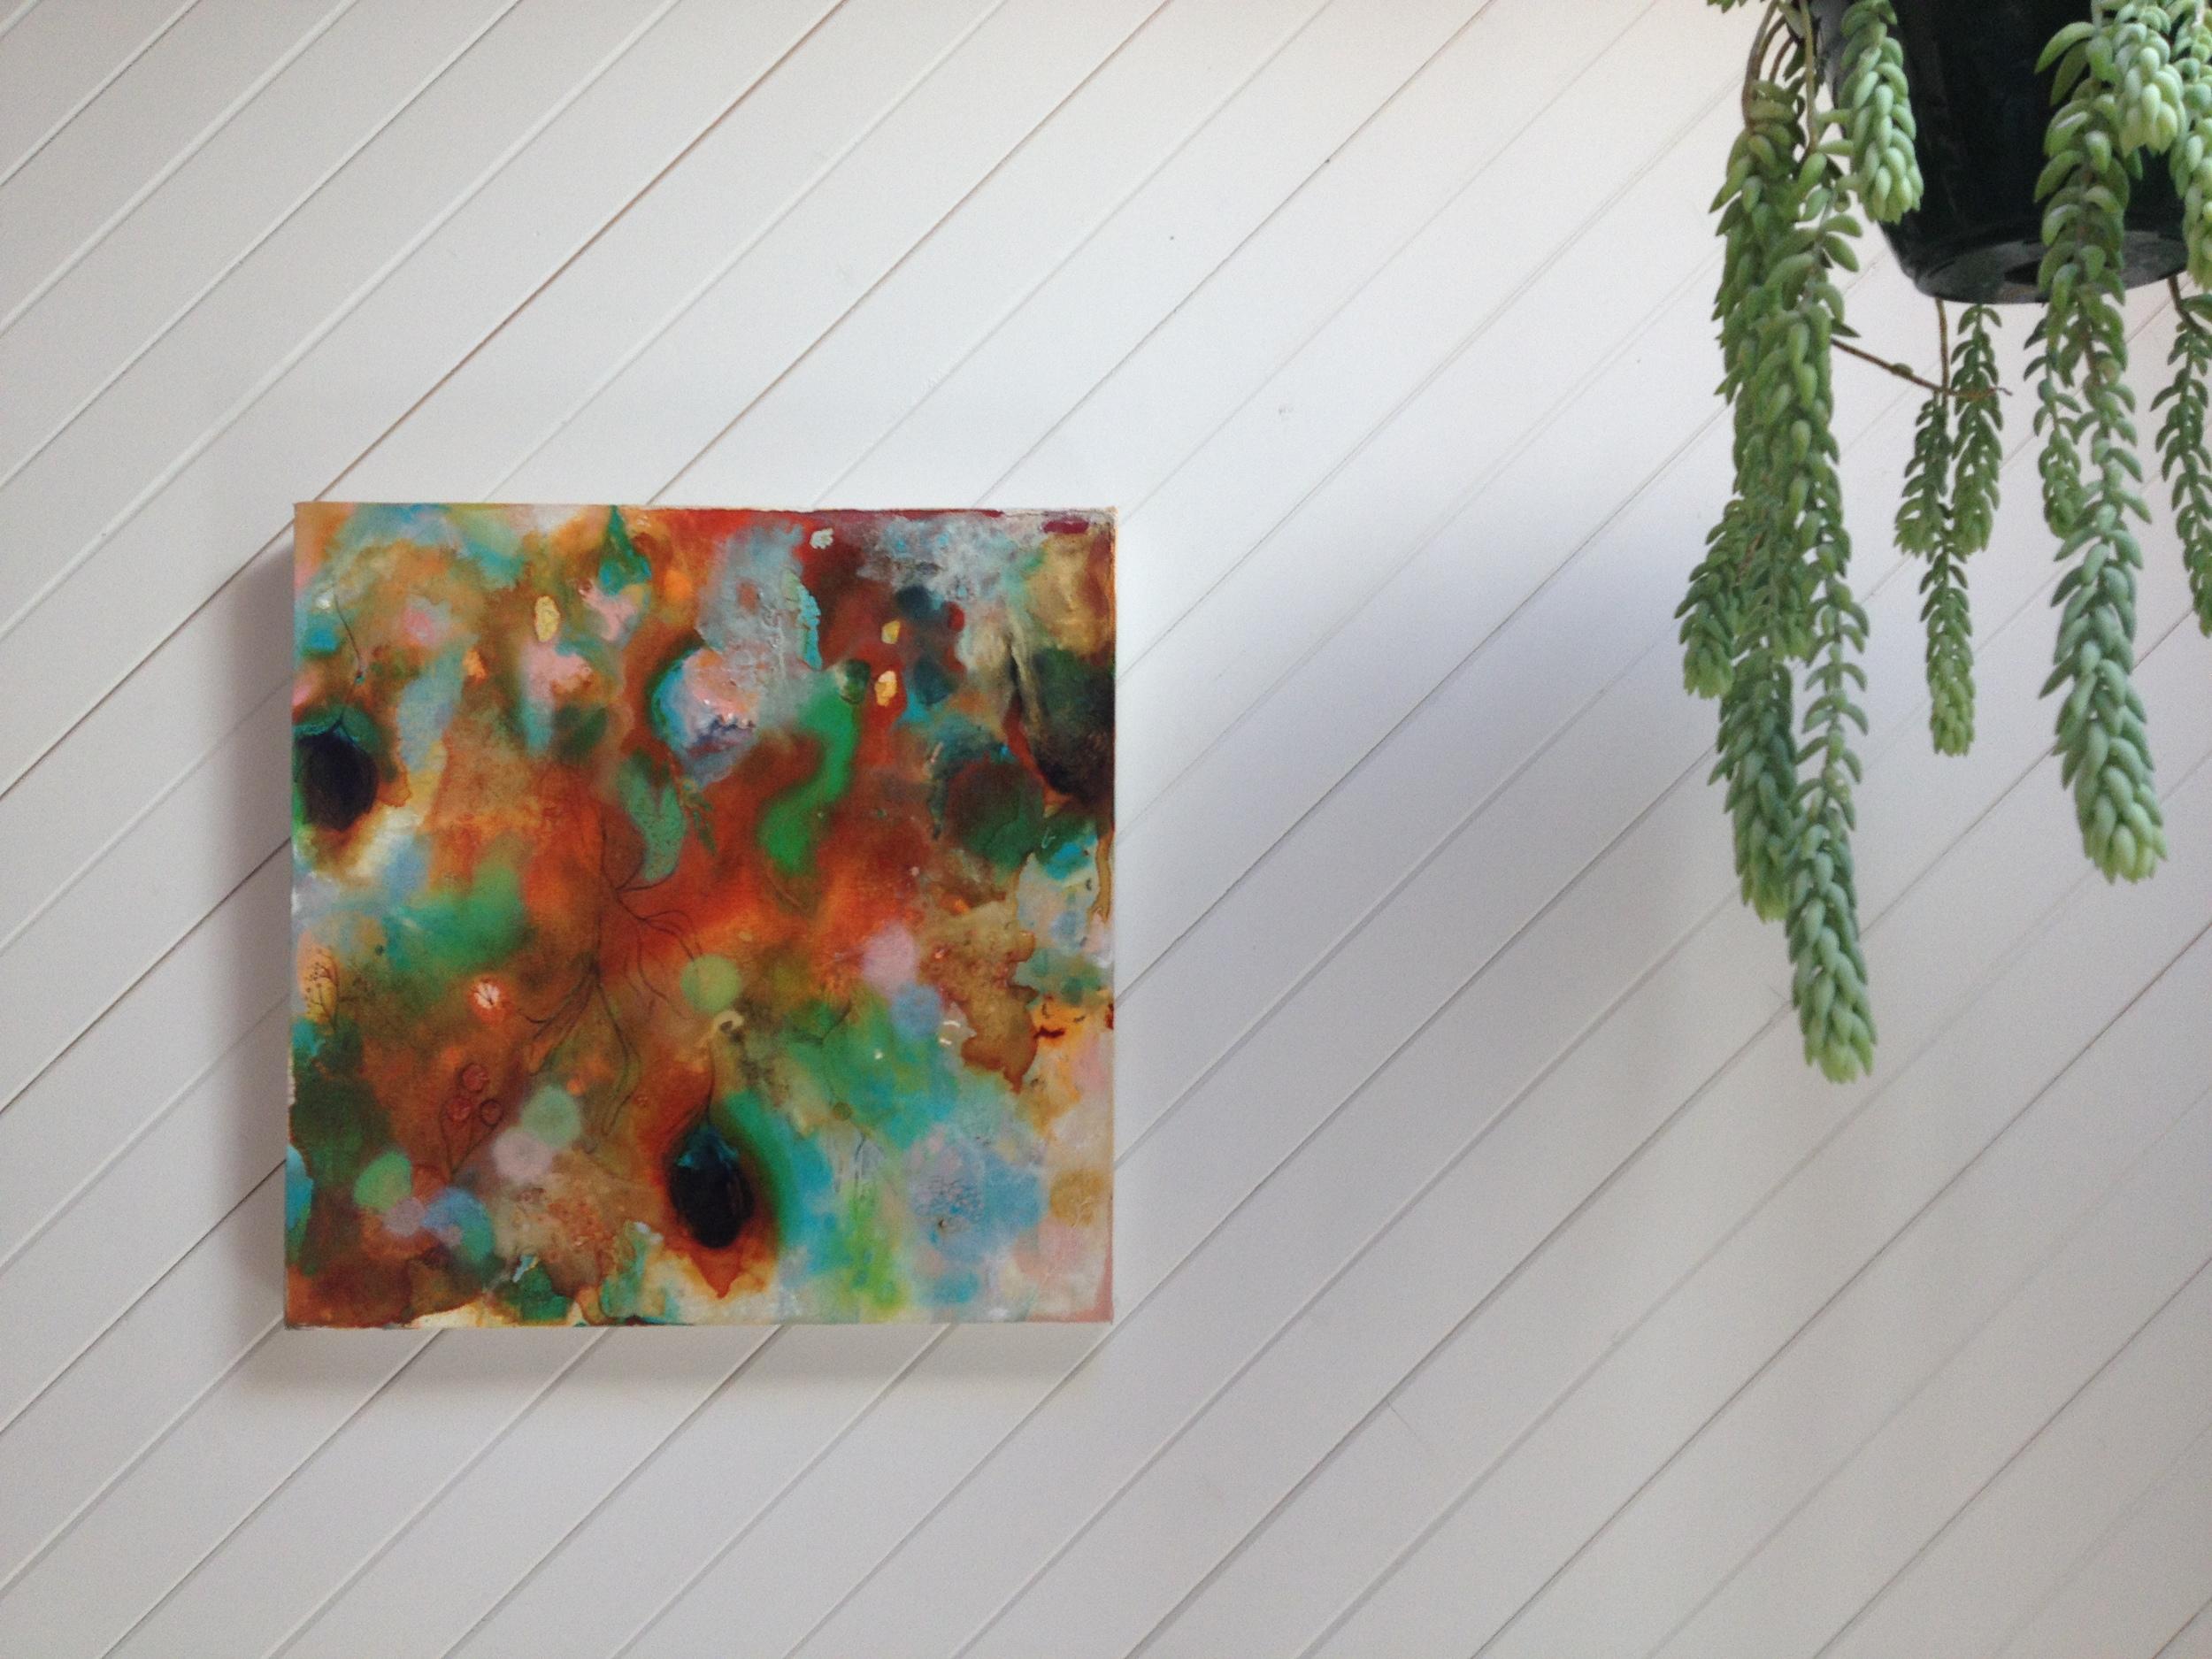 Liza's artwork takes pride of place in the Zenibaker studio.